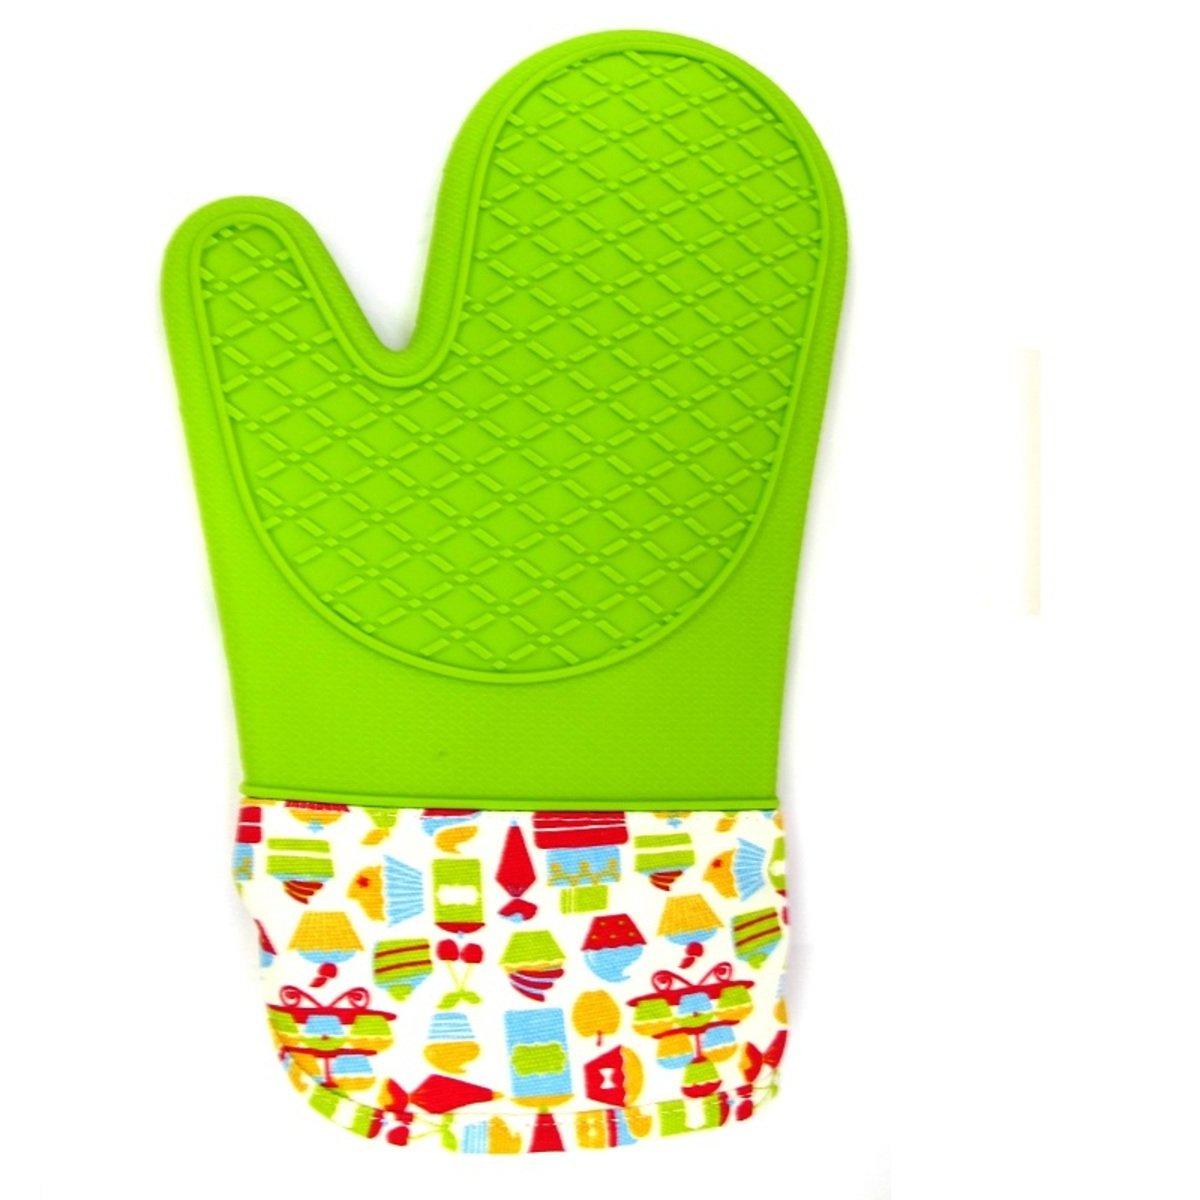 GK 耐高溫手套 (對裝)-緑色硅膠+布手袖 - 小蛋糕圖案